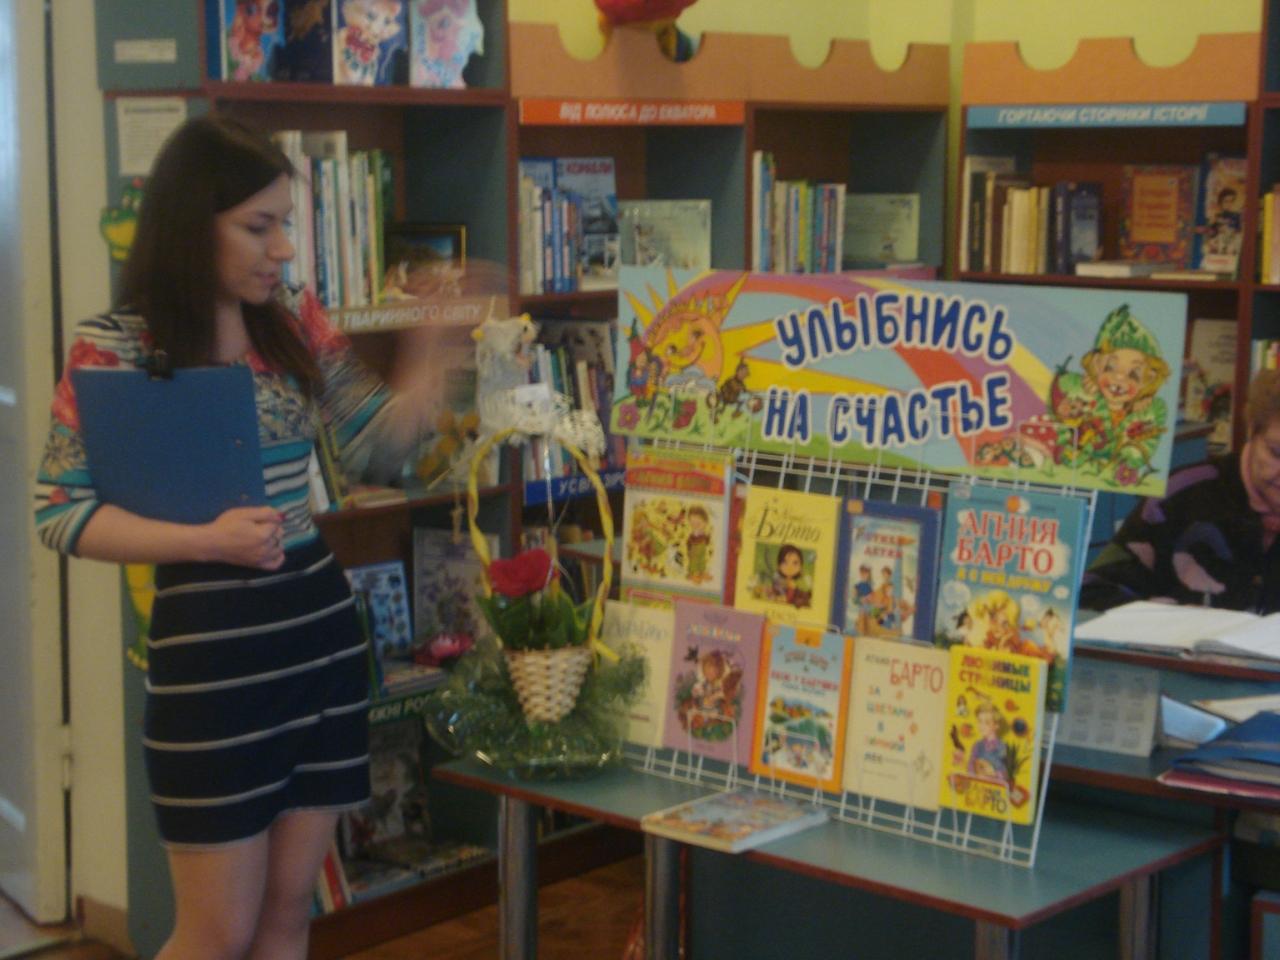 солнышко на память, донецкая республиканская библиотека для детей, отдел обслуживания дошкольников и учащихся 1-4 классов, мероприятия в библиотеке